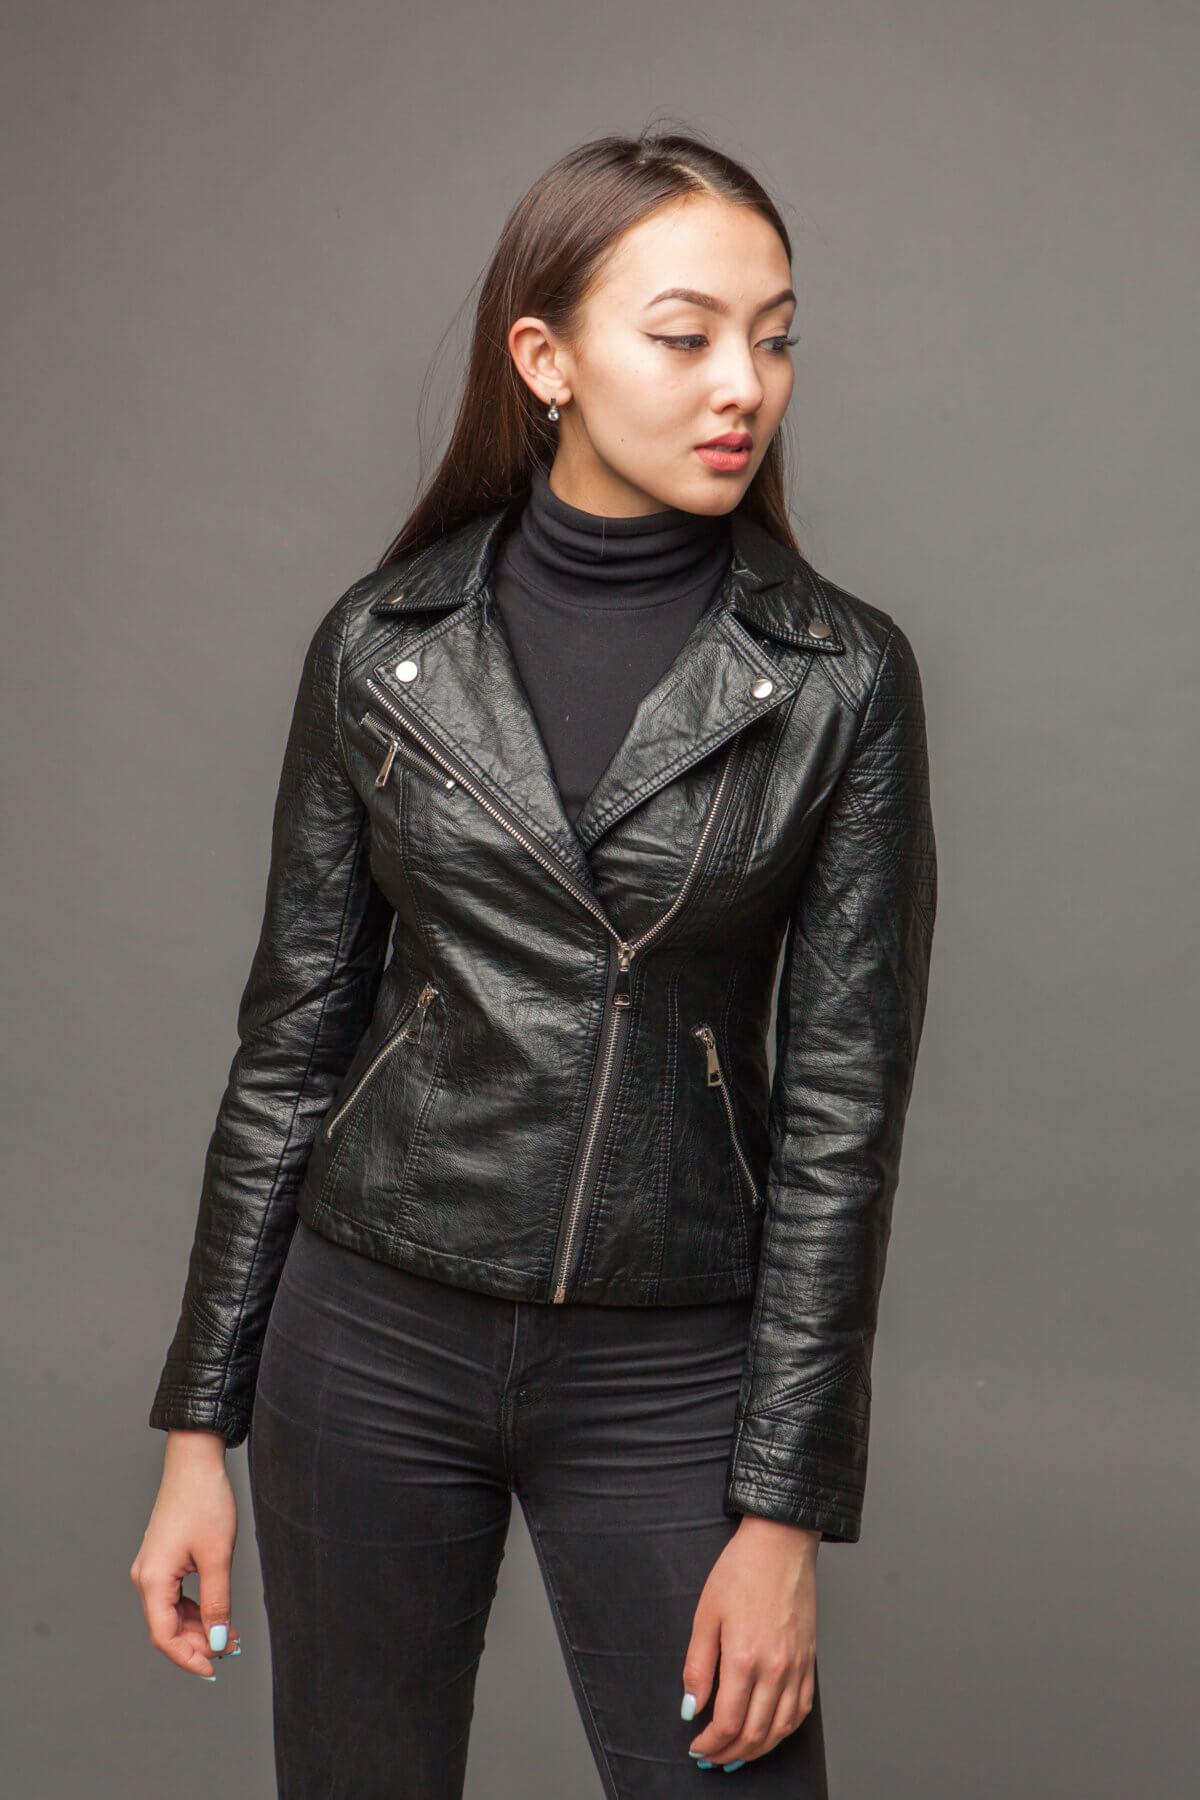 Черная куртка из экокожи с асимметричной молнией. Фото 2